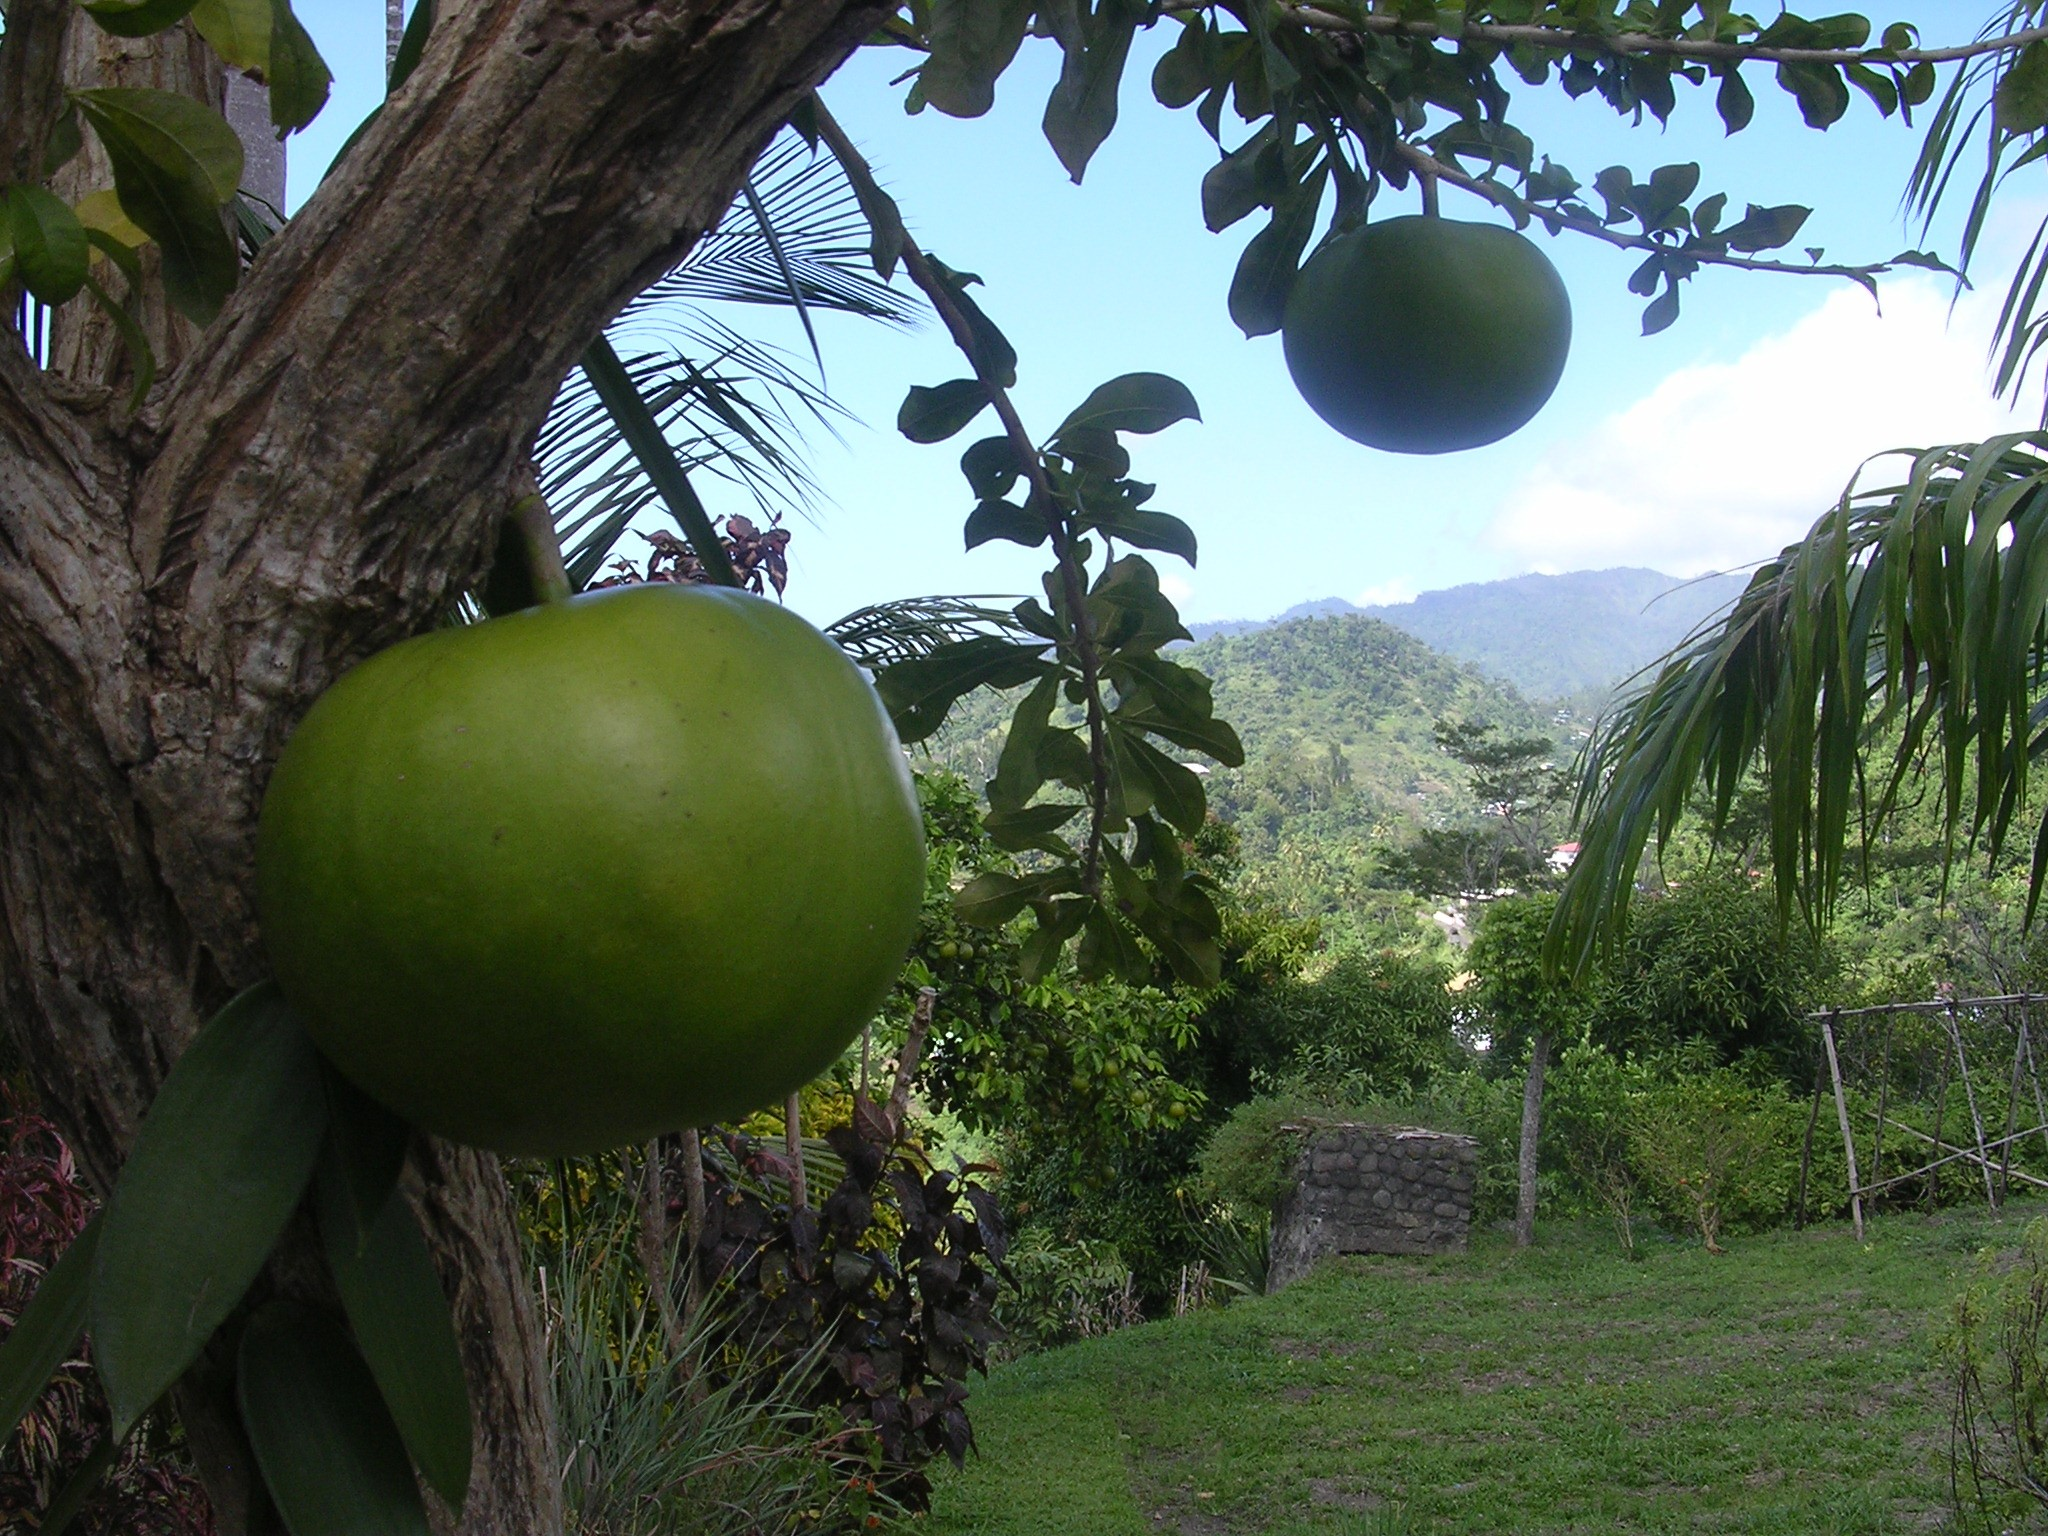 Tobago große grüne Früchte am Gartenbaum